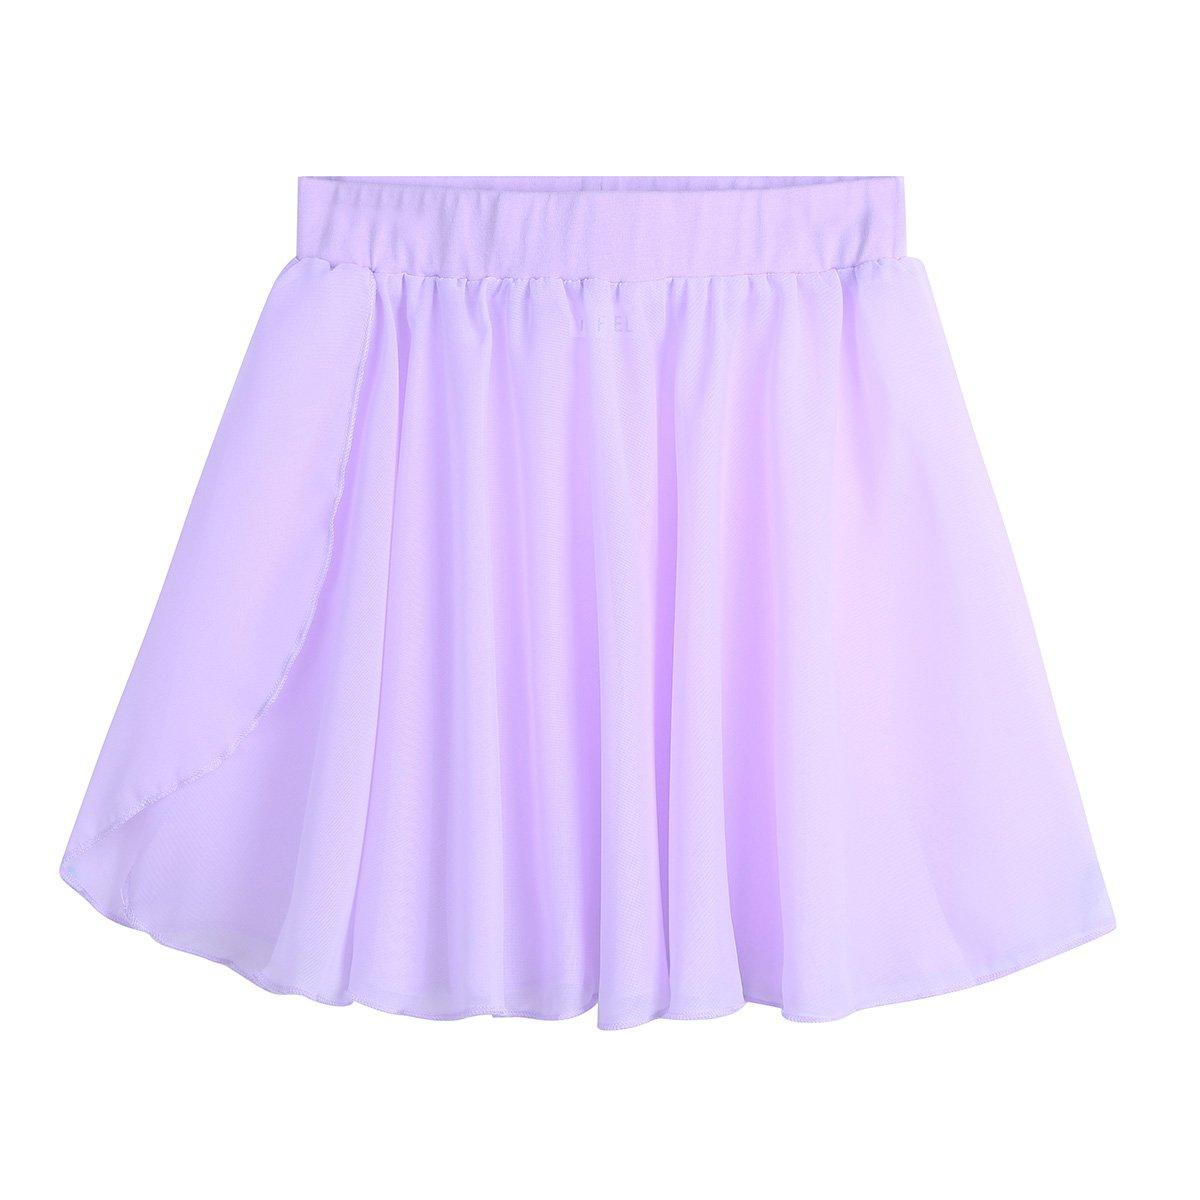 Tiaobug Kinder Mä dchen Ballettrock Chiffonrock Tanzen Rock - Elastischer Bund - Seitenschlitz - Halbtransparent Rö ckchen in den Farben rosa, schwarz, violett und blau.